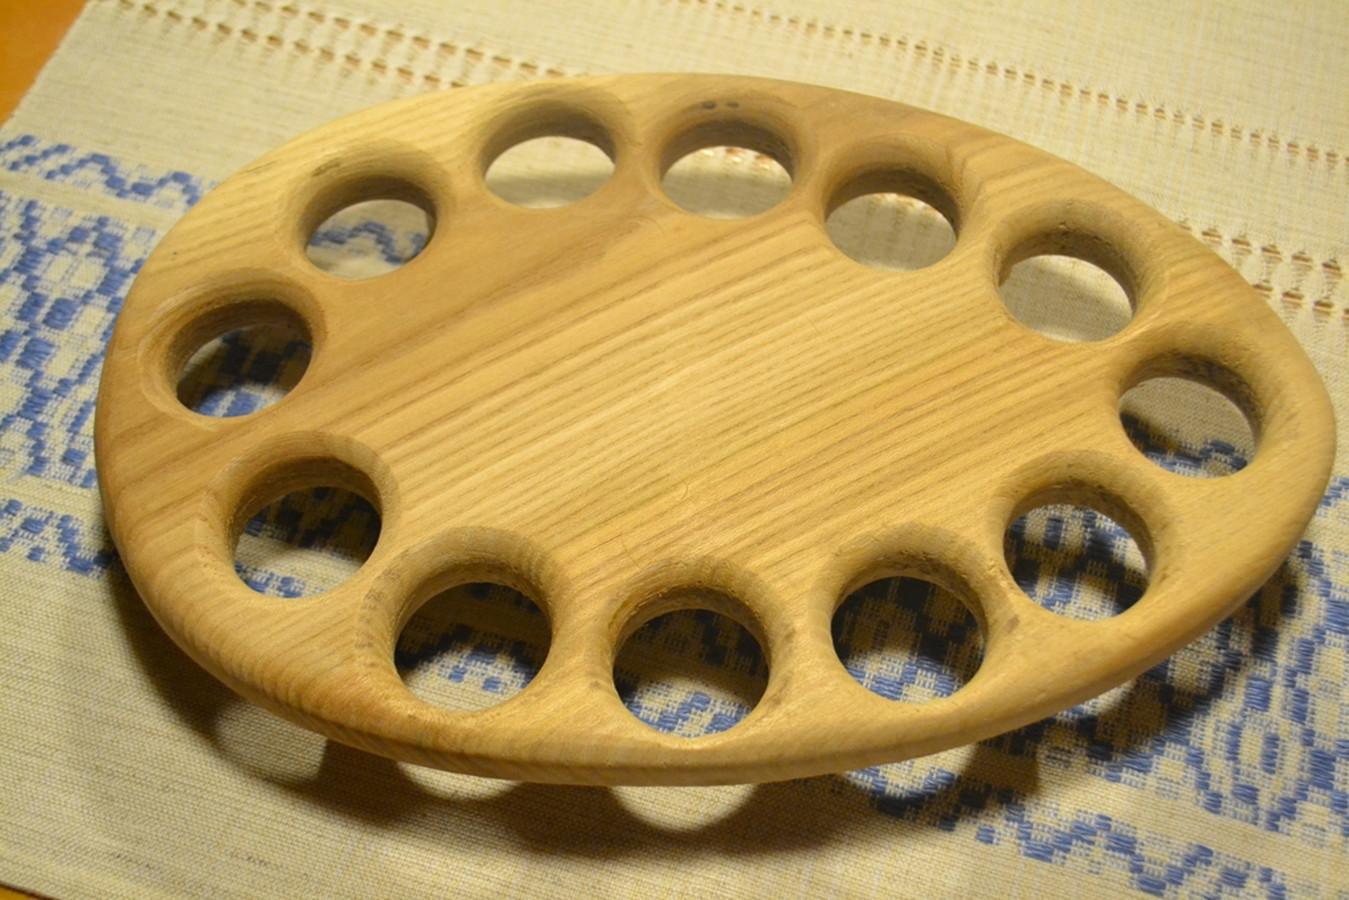 velykinių kiaušinių padėkliukas  12 kiaušinių 12 mėnesių